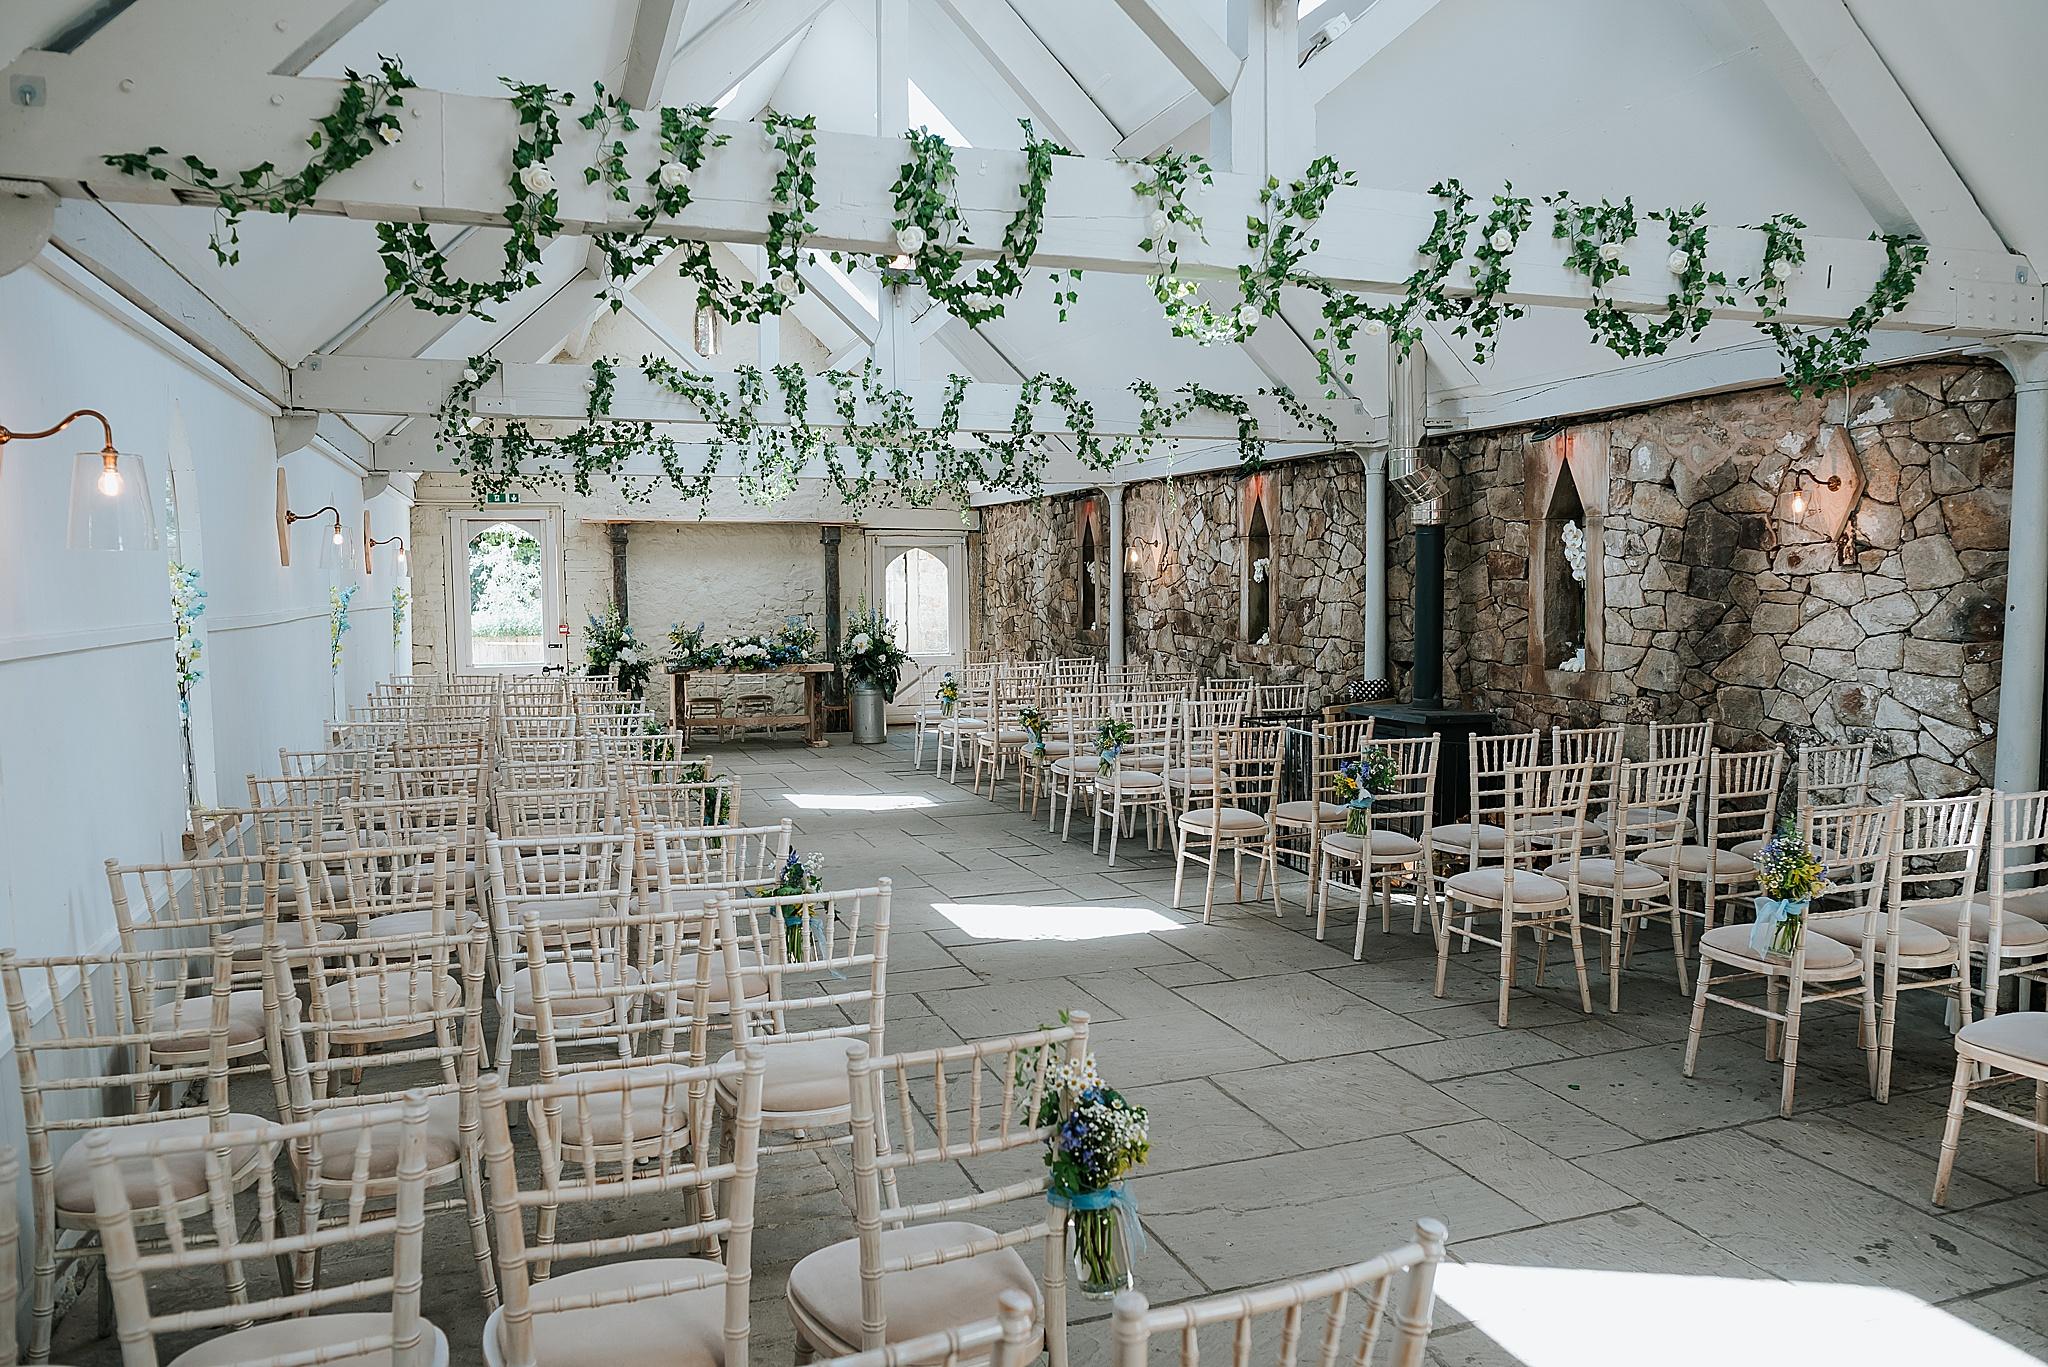 wyresdale wedding barn near preston